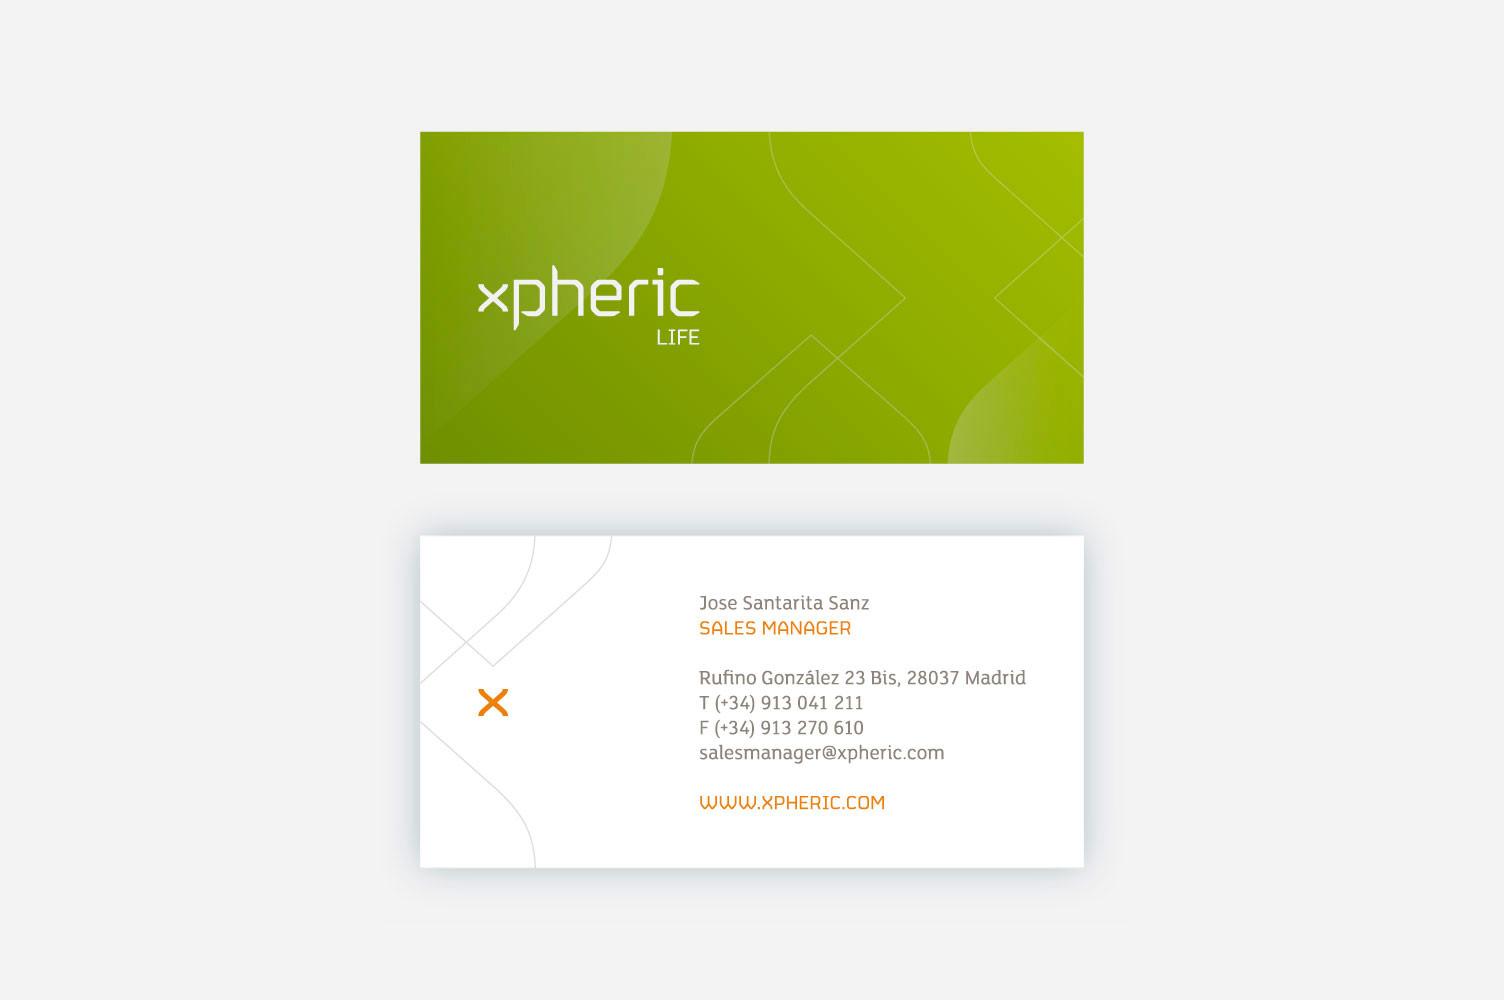 Diseño de tarjetas xpheric v1